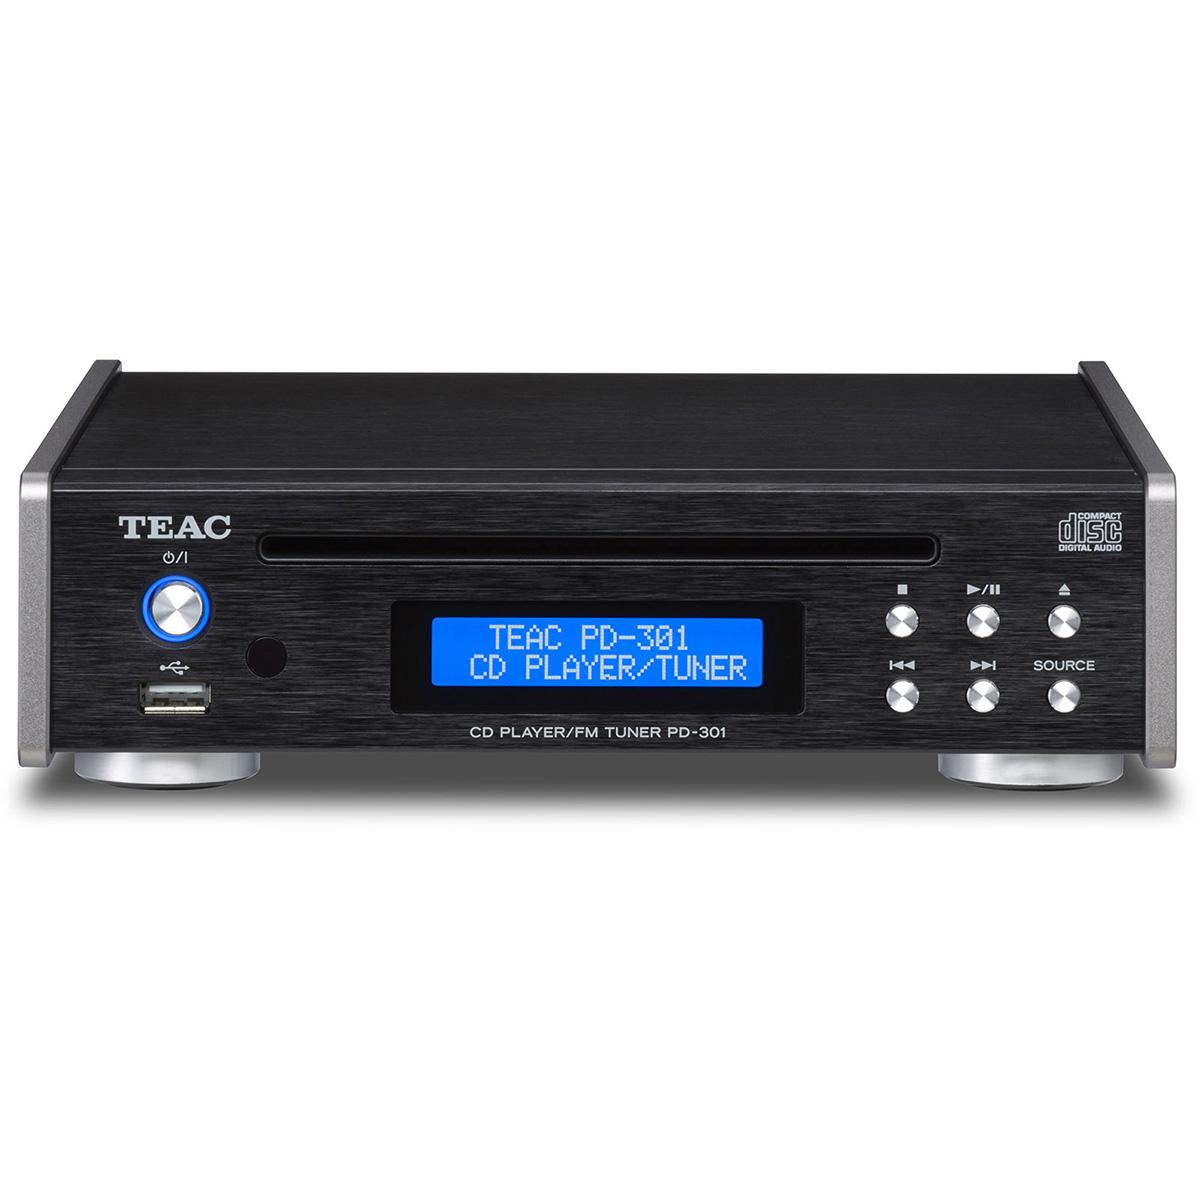 ティアック CDプレーヤー/FMチューナー (ブラック) PD-301-B